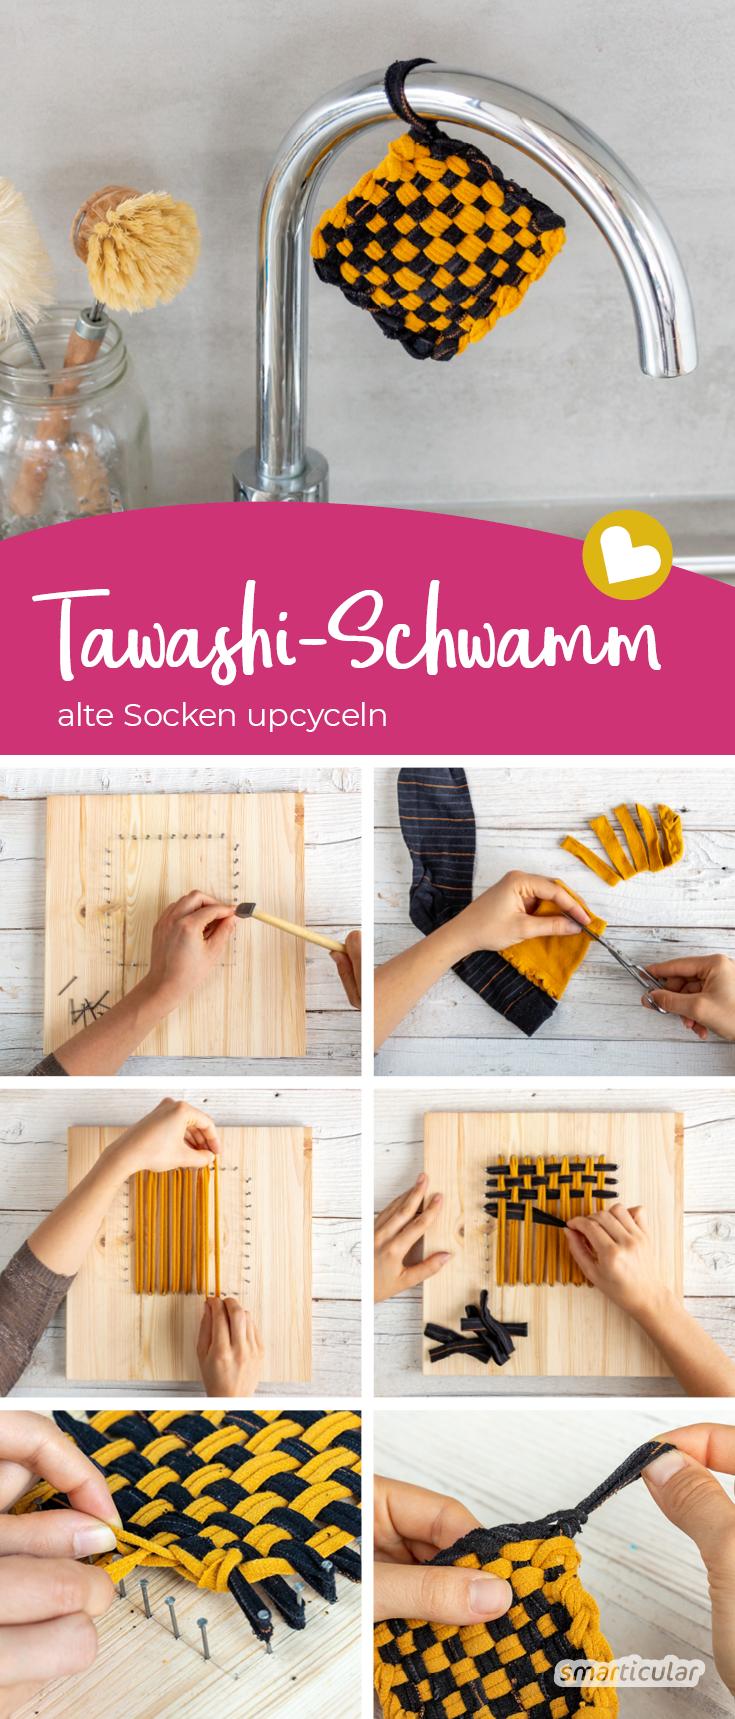 Tawashi-Schwamm selber machen aus alten Socken